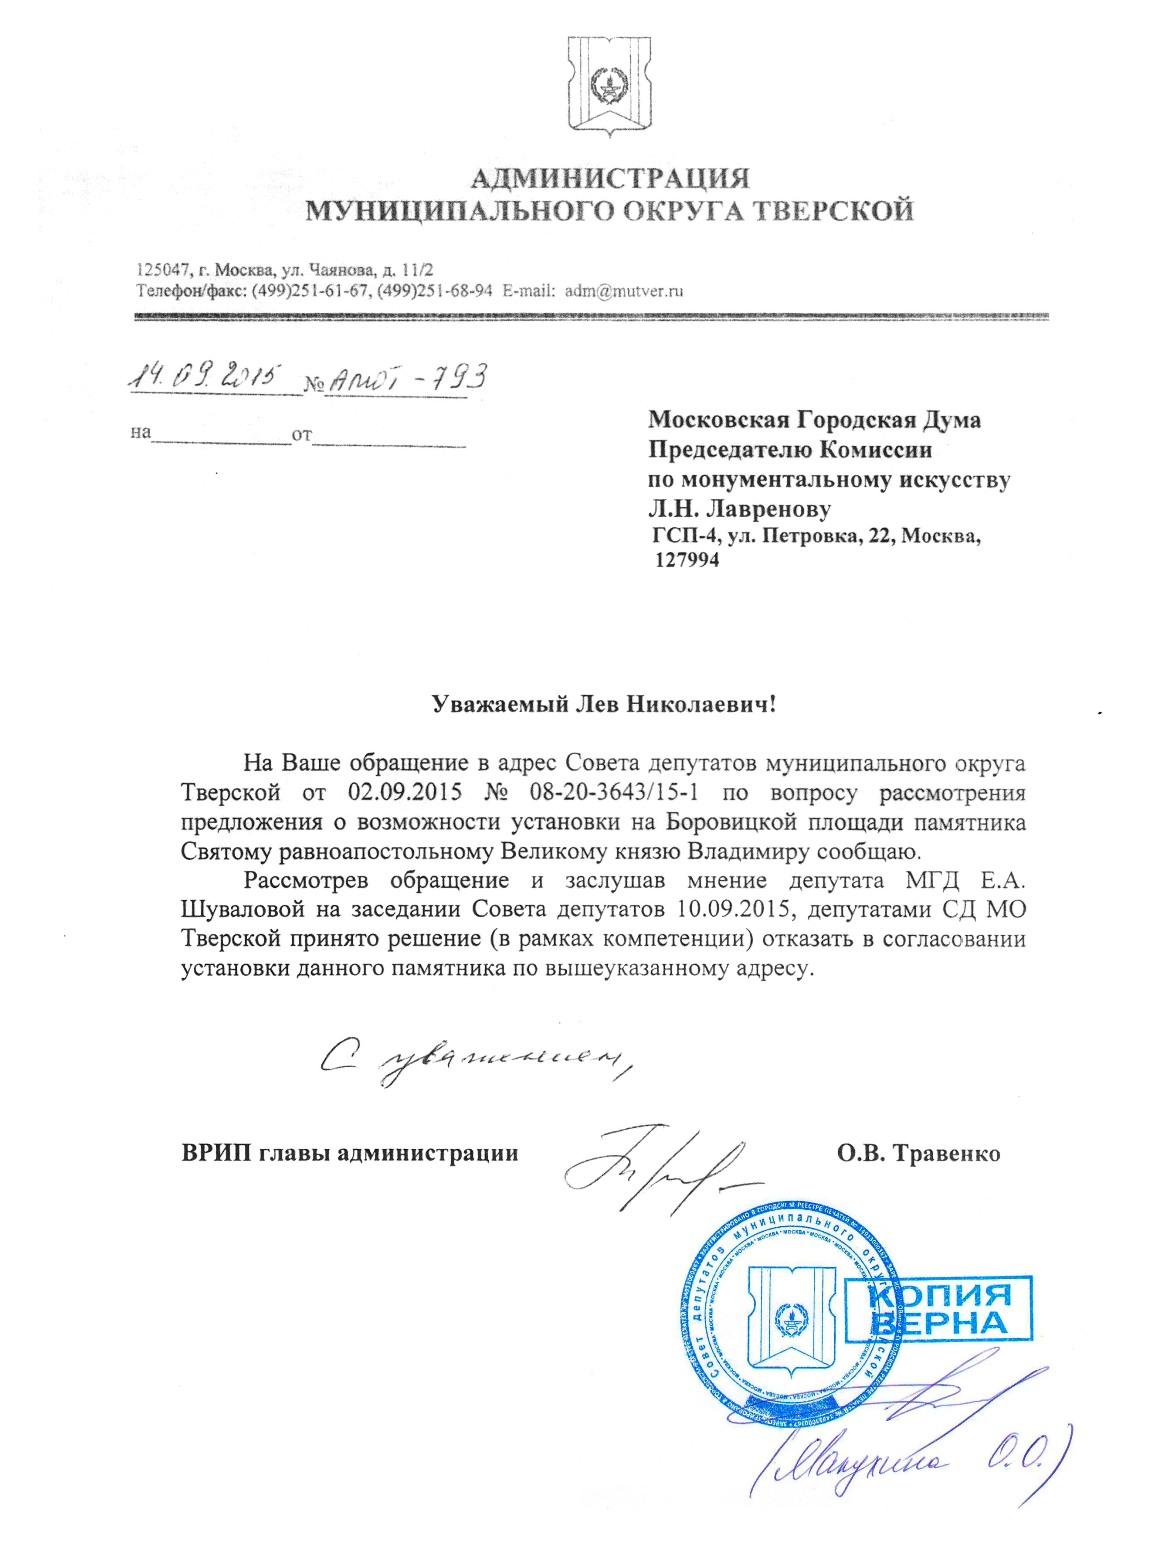 Отказ в согласовании установки памятника Владимиру на Боровицкой площади от Совета депутатов муниципального округа Тверской